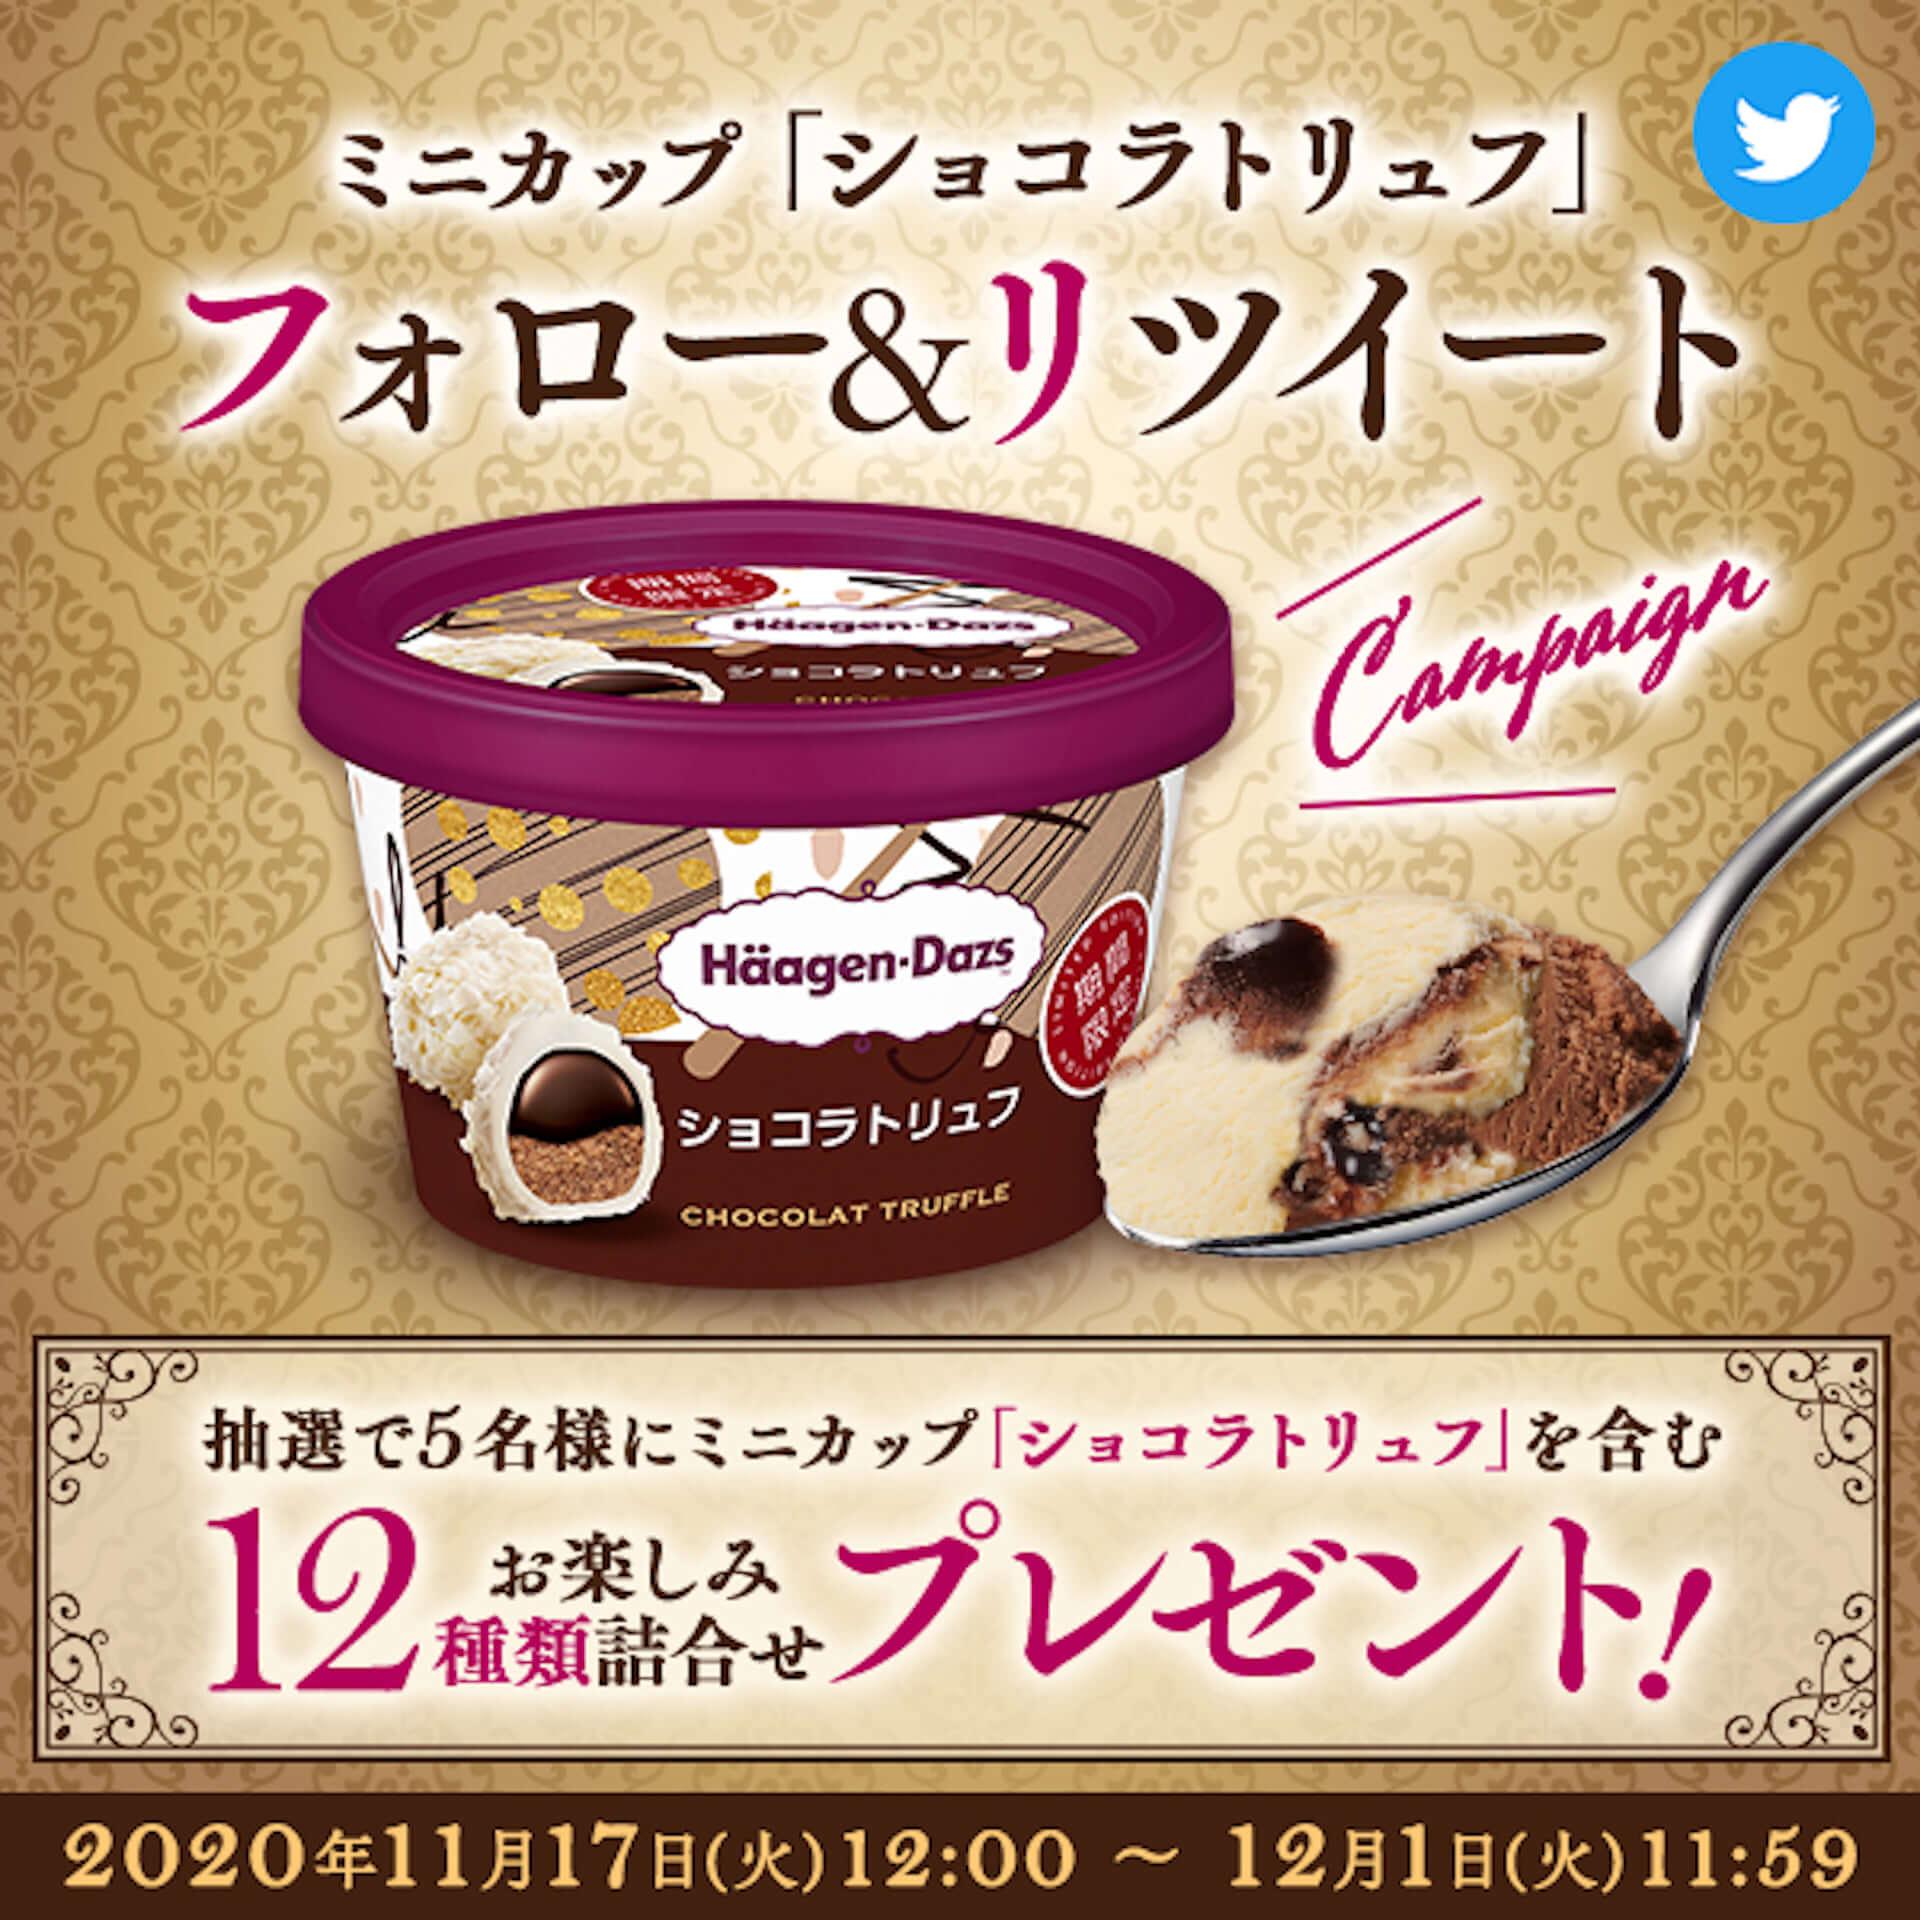 ハーゲンダッツから3種のチョコレートを使用したミニカップ『ショコラトリュフ』が登場!アイスクリーム詰め合わせが当たるキャンペーンも実施 gourmet201116_haagen-dazs_1-1920x1920